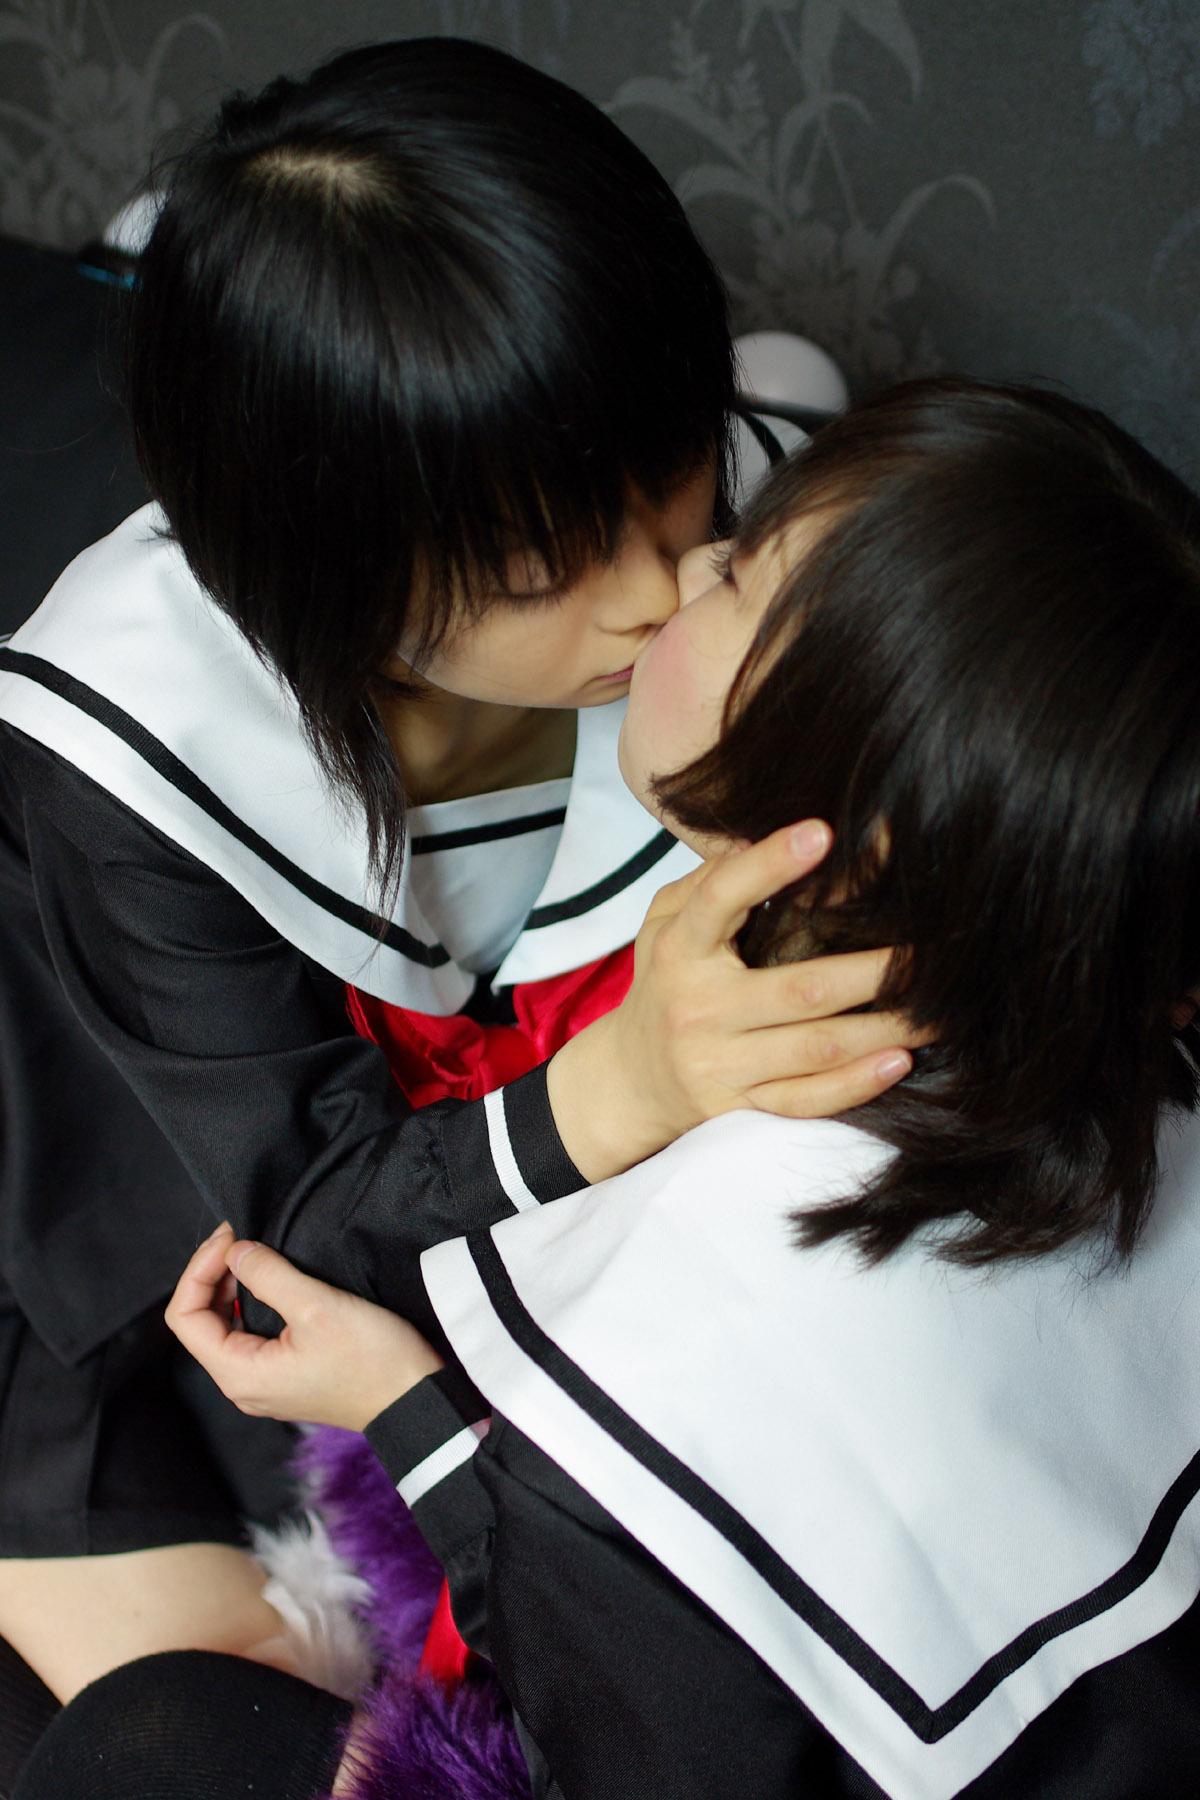 【百合・レズ画像】可愛い子同士のキスって男が見てもキュンとくるなwww 04